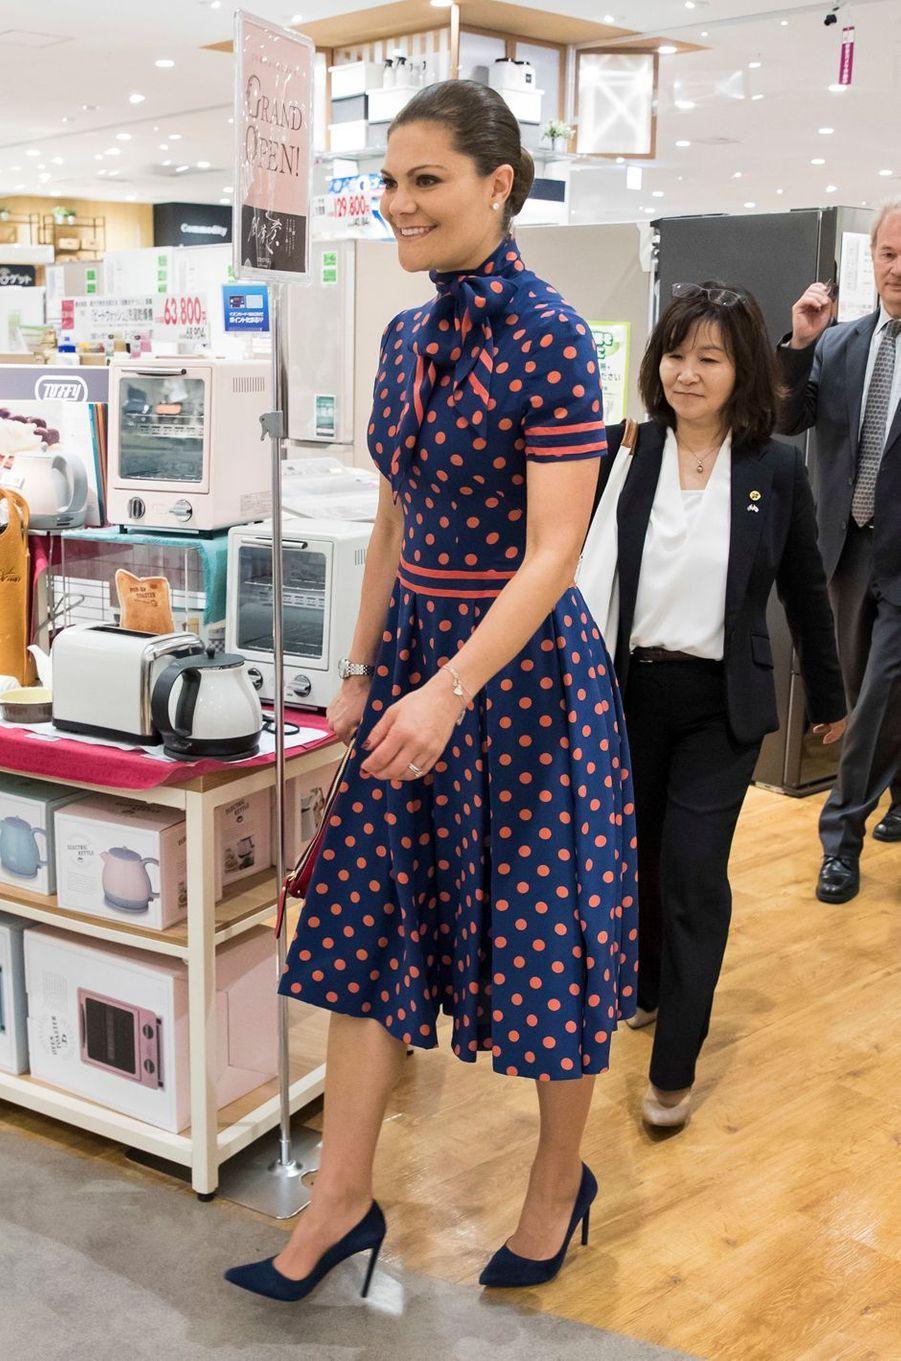 La princesse Victoria de Suède dans un supermarché Aeon à Tokyo, le 19 avril 2017